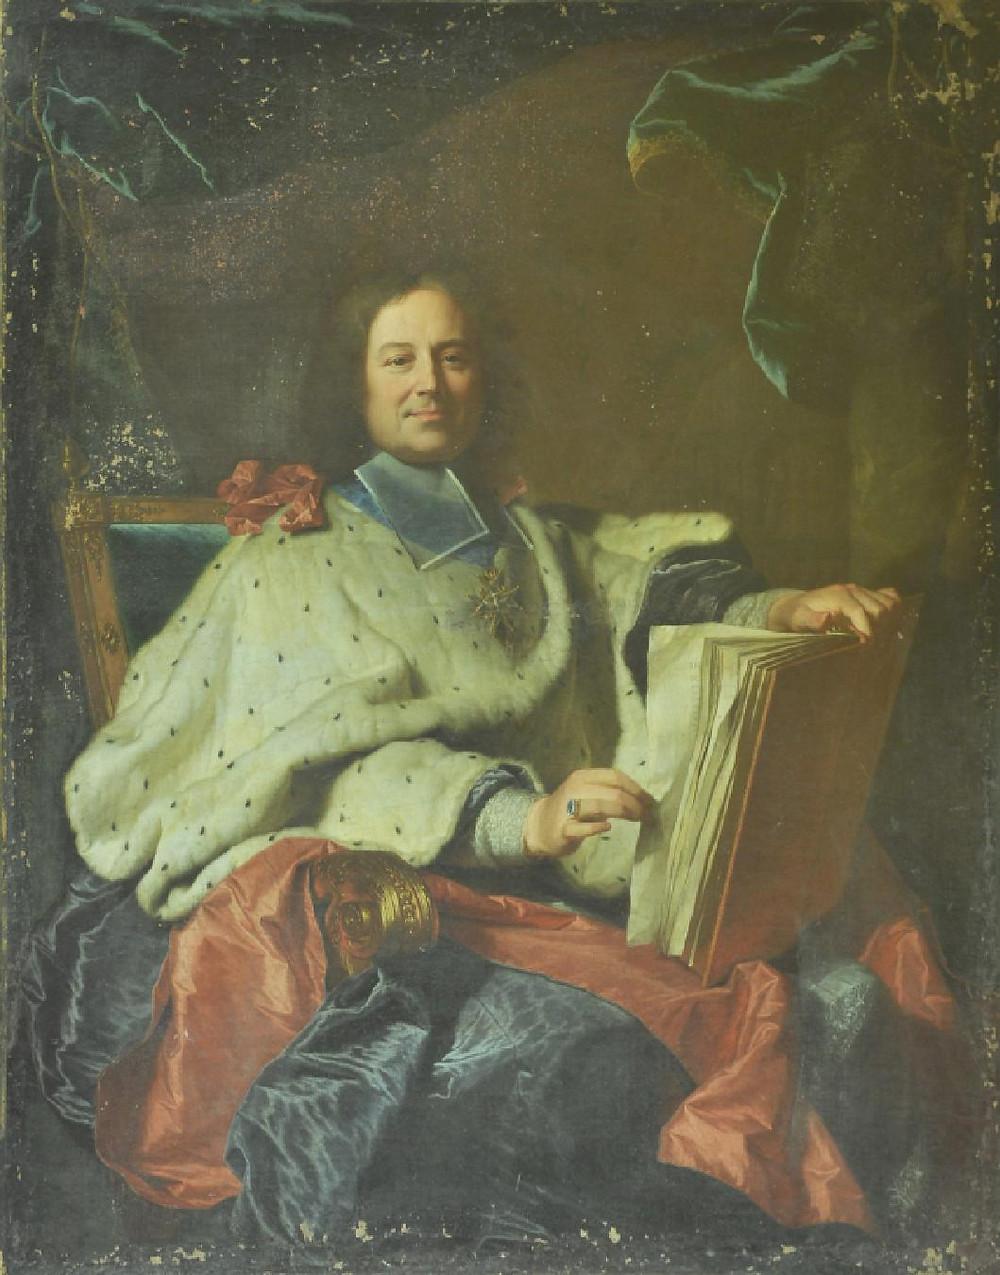 Hyacinthe Rigaud, Portrait de René François Beauvau du Rivau, archevêque de Toulouse, 1715, Montbrison, musée d'Allard, inv. 2013.06.01.